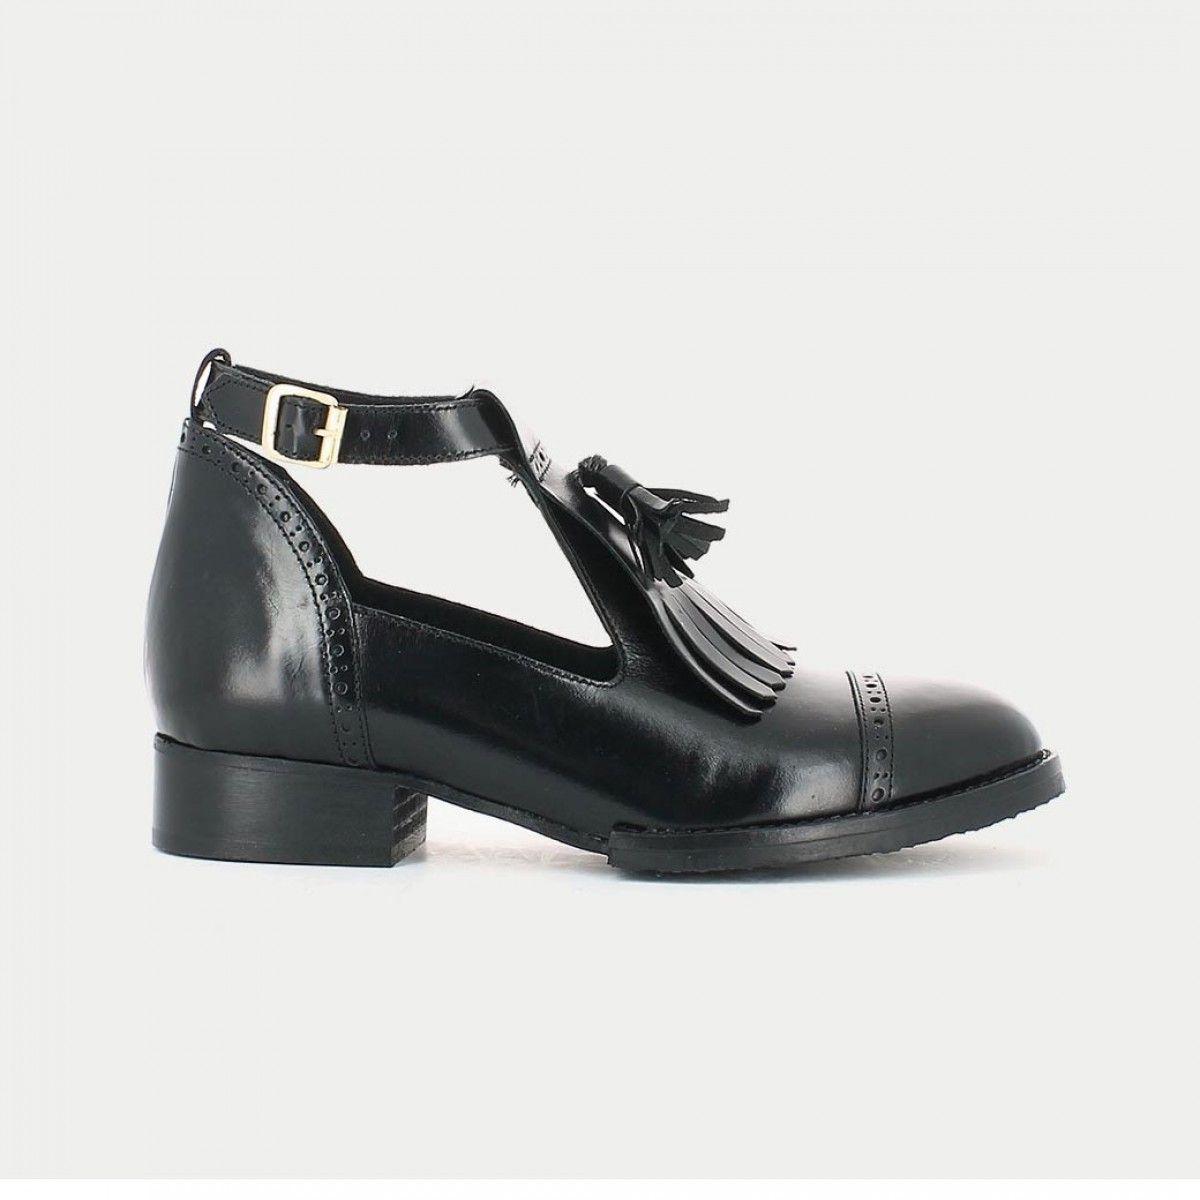 Boots cuir à en noirShoesBags patte ajourées frangée CxBoed